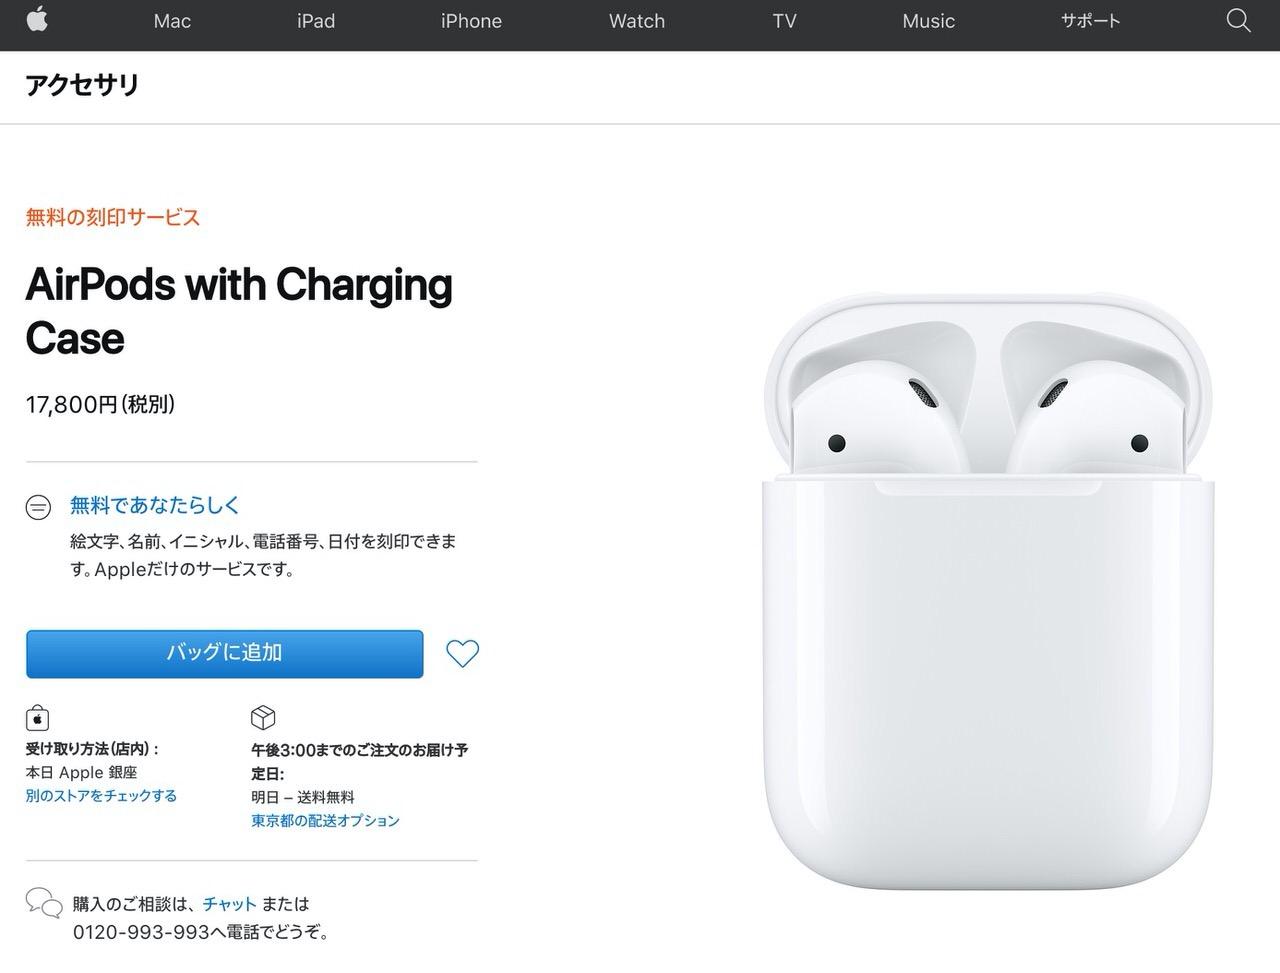 【セブンイレブン】関東と北陸の一部店舗で「Apple AirPods with Charging Case」を販売開始